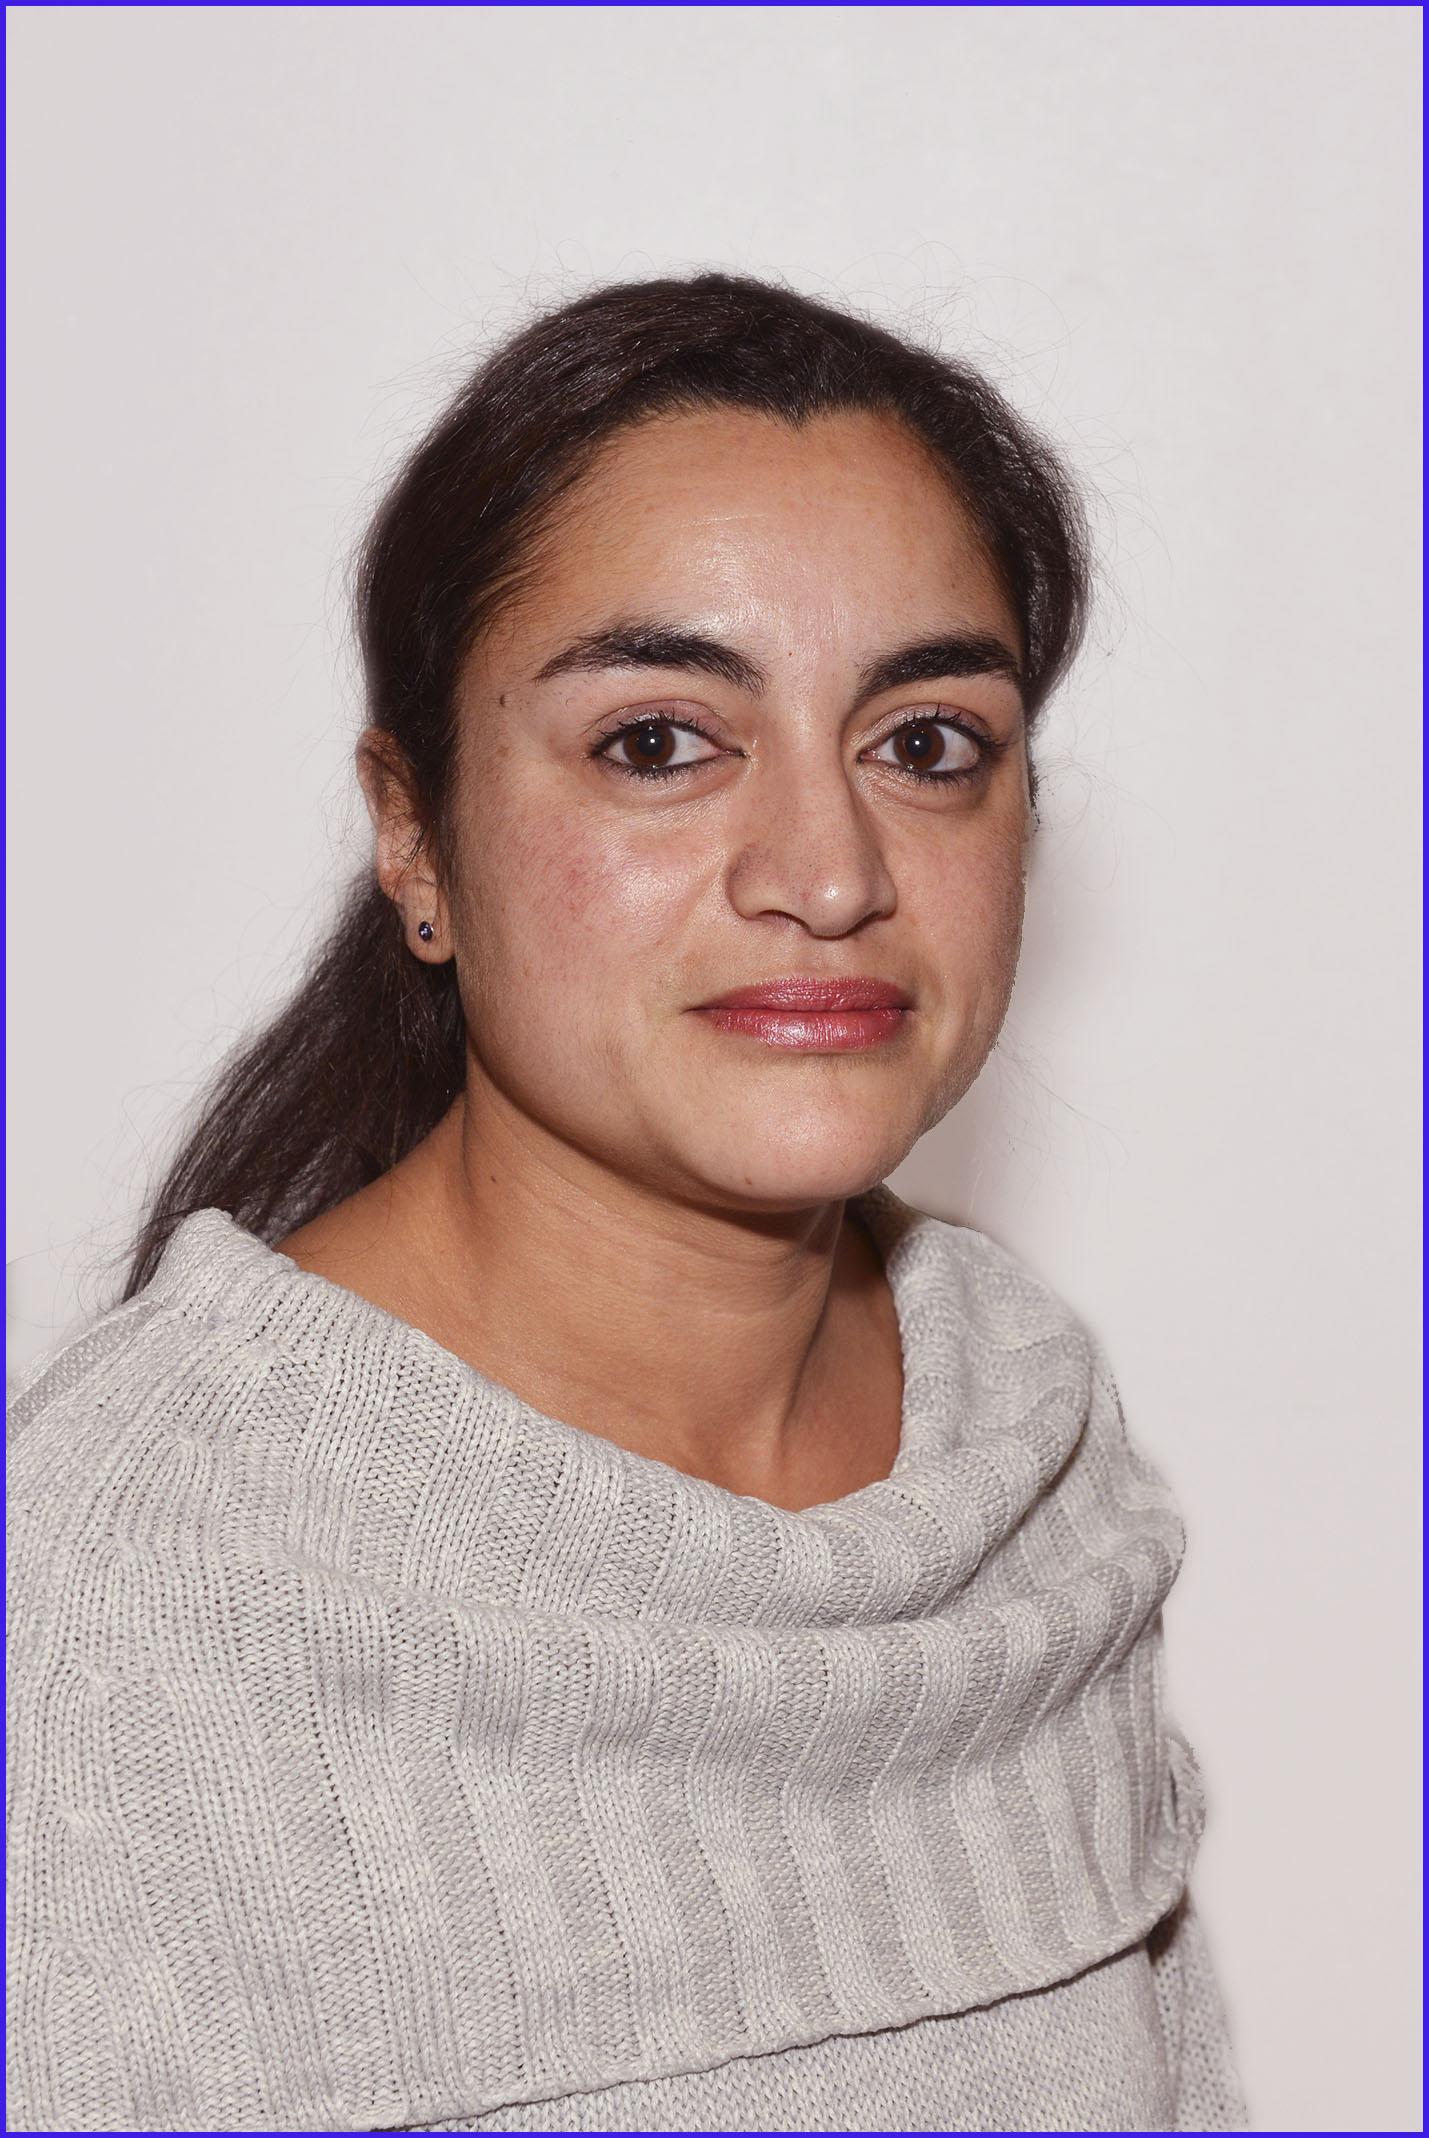 Yolaine Frioux